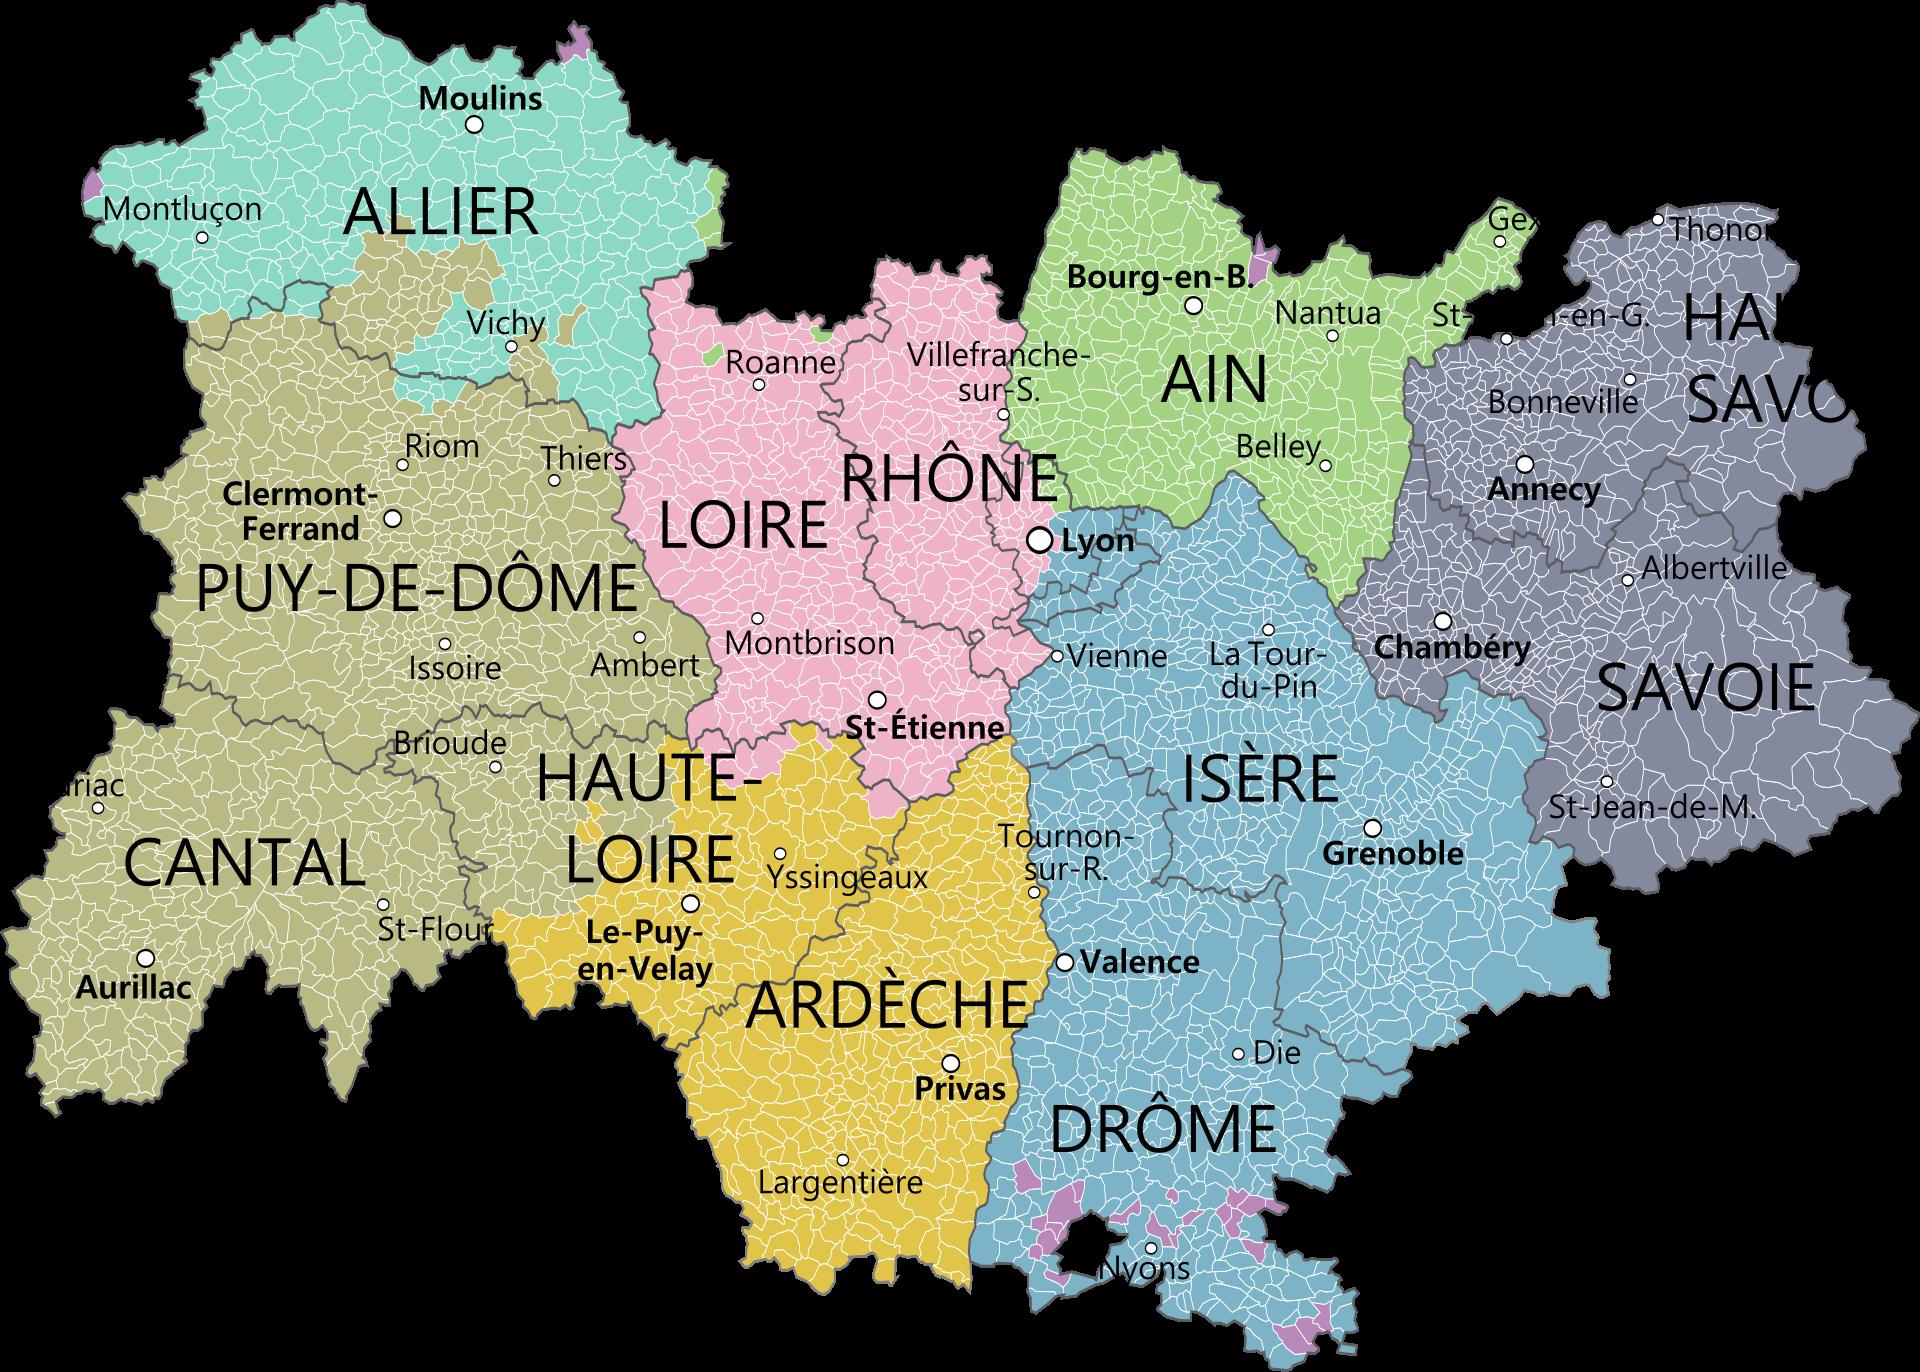 Carte de la région avec ses départements et la métropole de Lyon